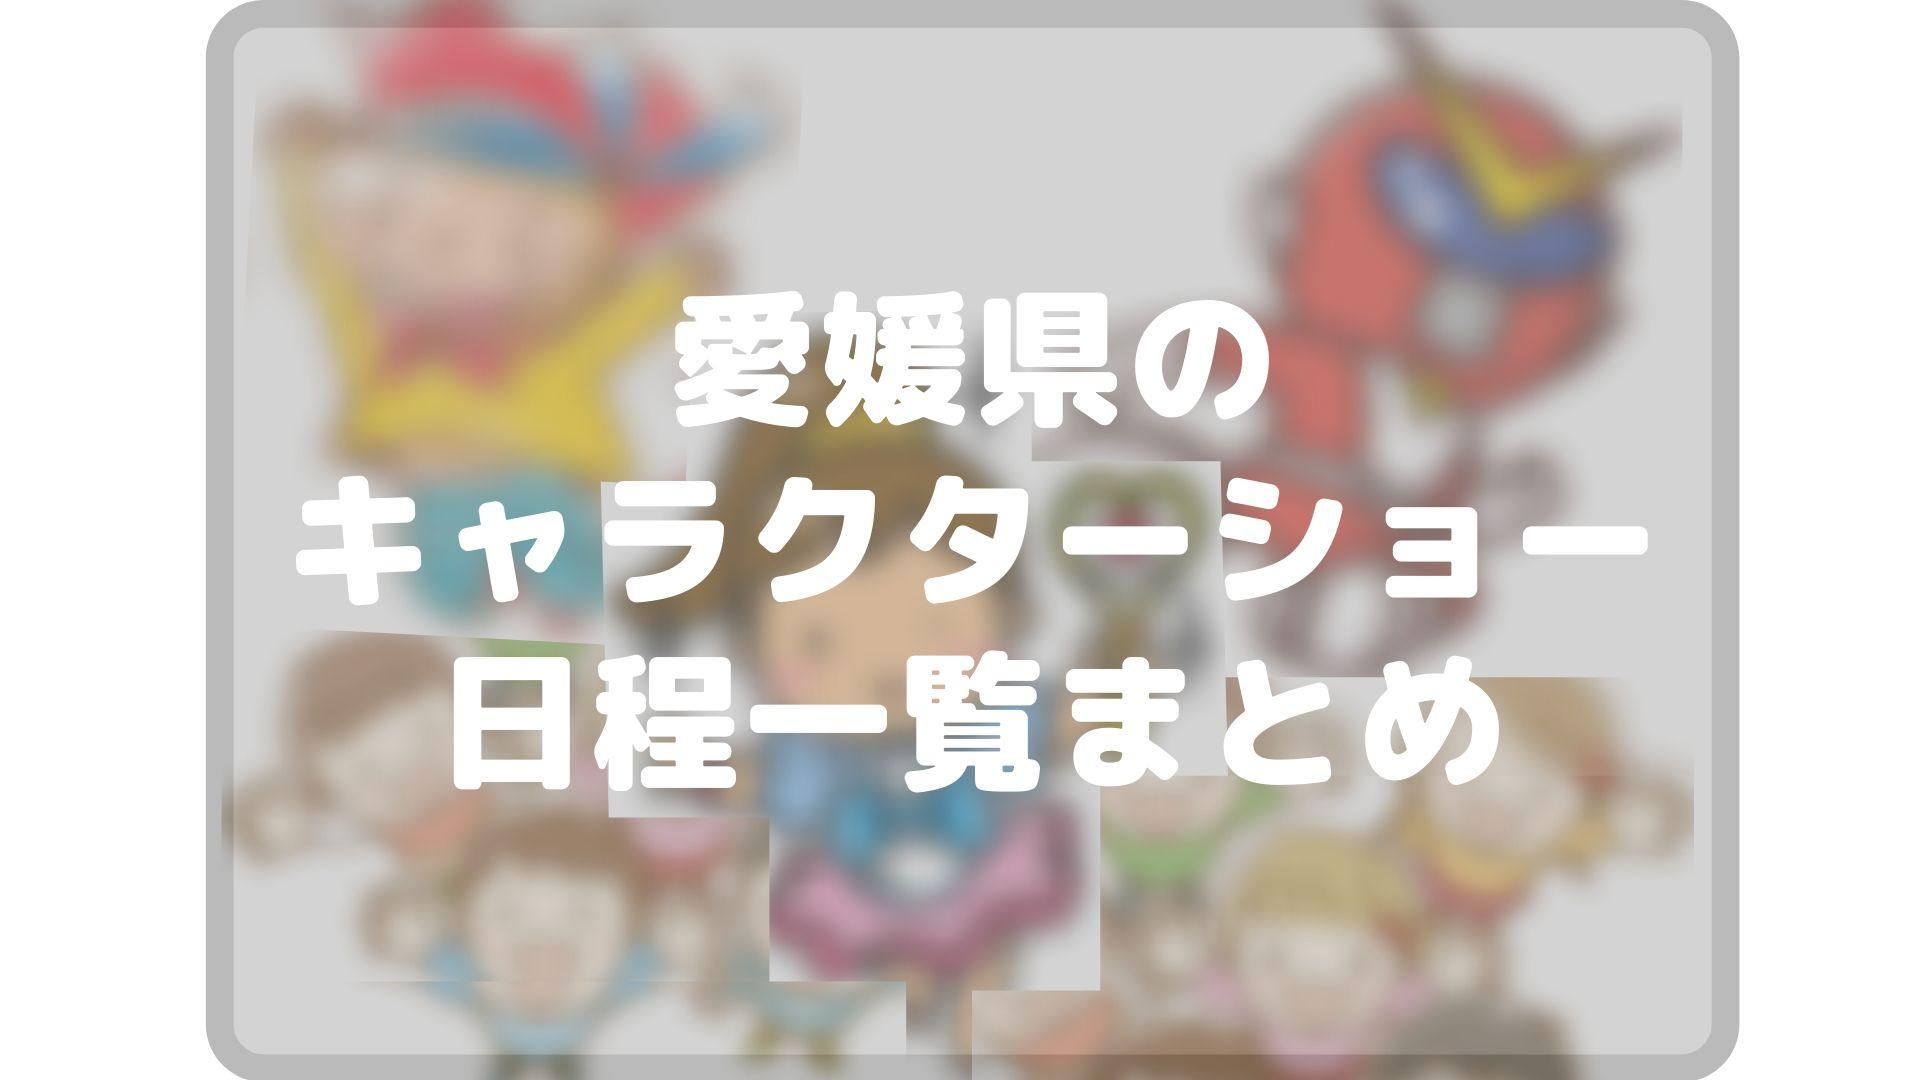 愛媛県のキャラクターショーまとめタイトル画像